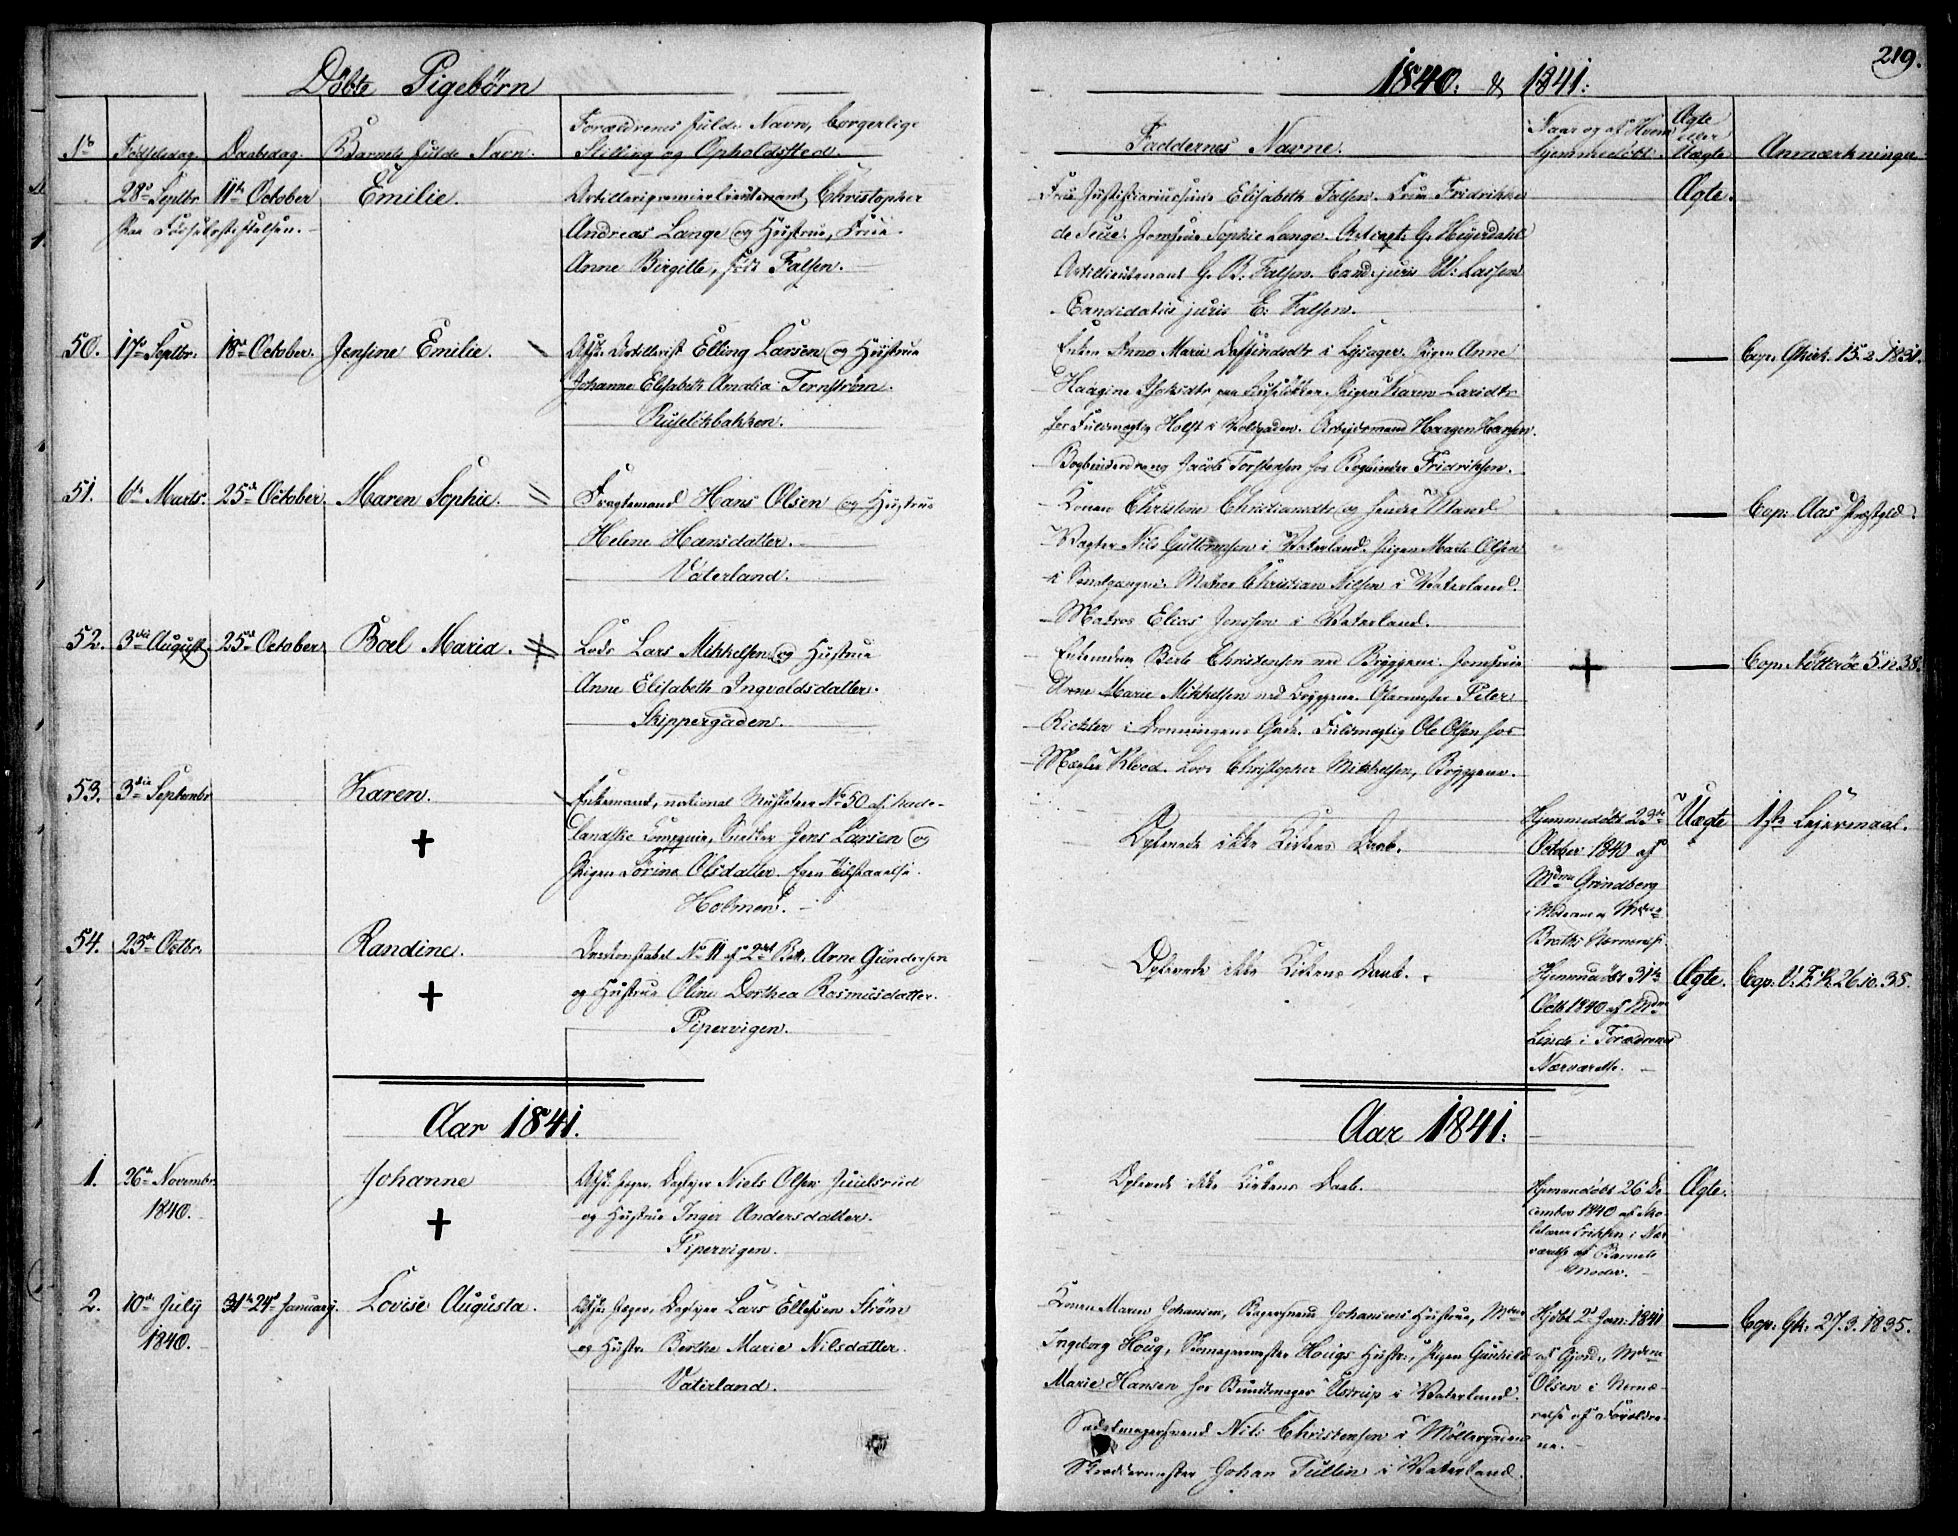 SAO, Garnisonsmenigheten Kirkebøker, F/Fa/L0006: Ministerialbok nr. 6, 1828-1841, s. 219